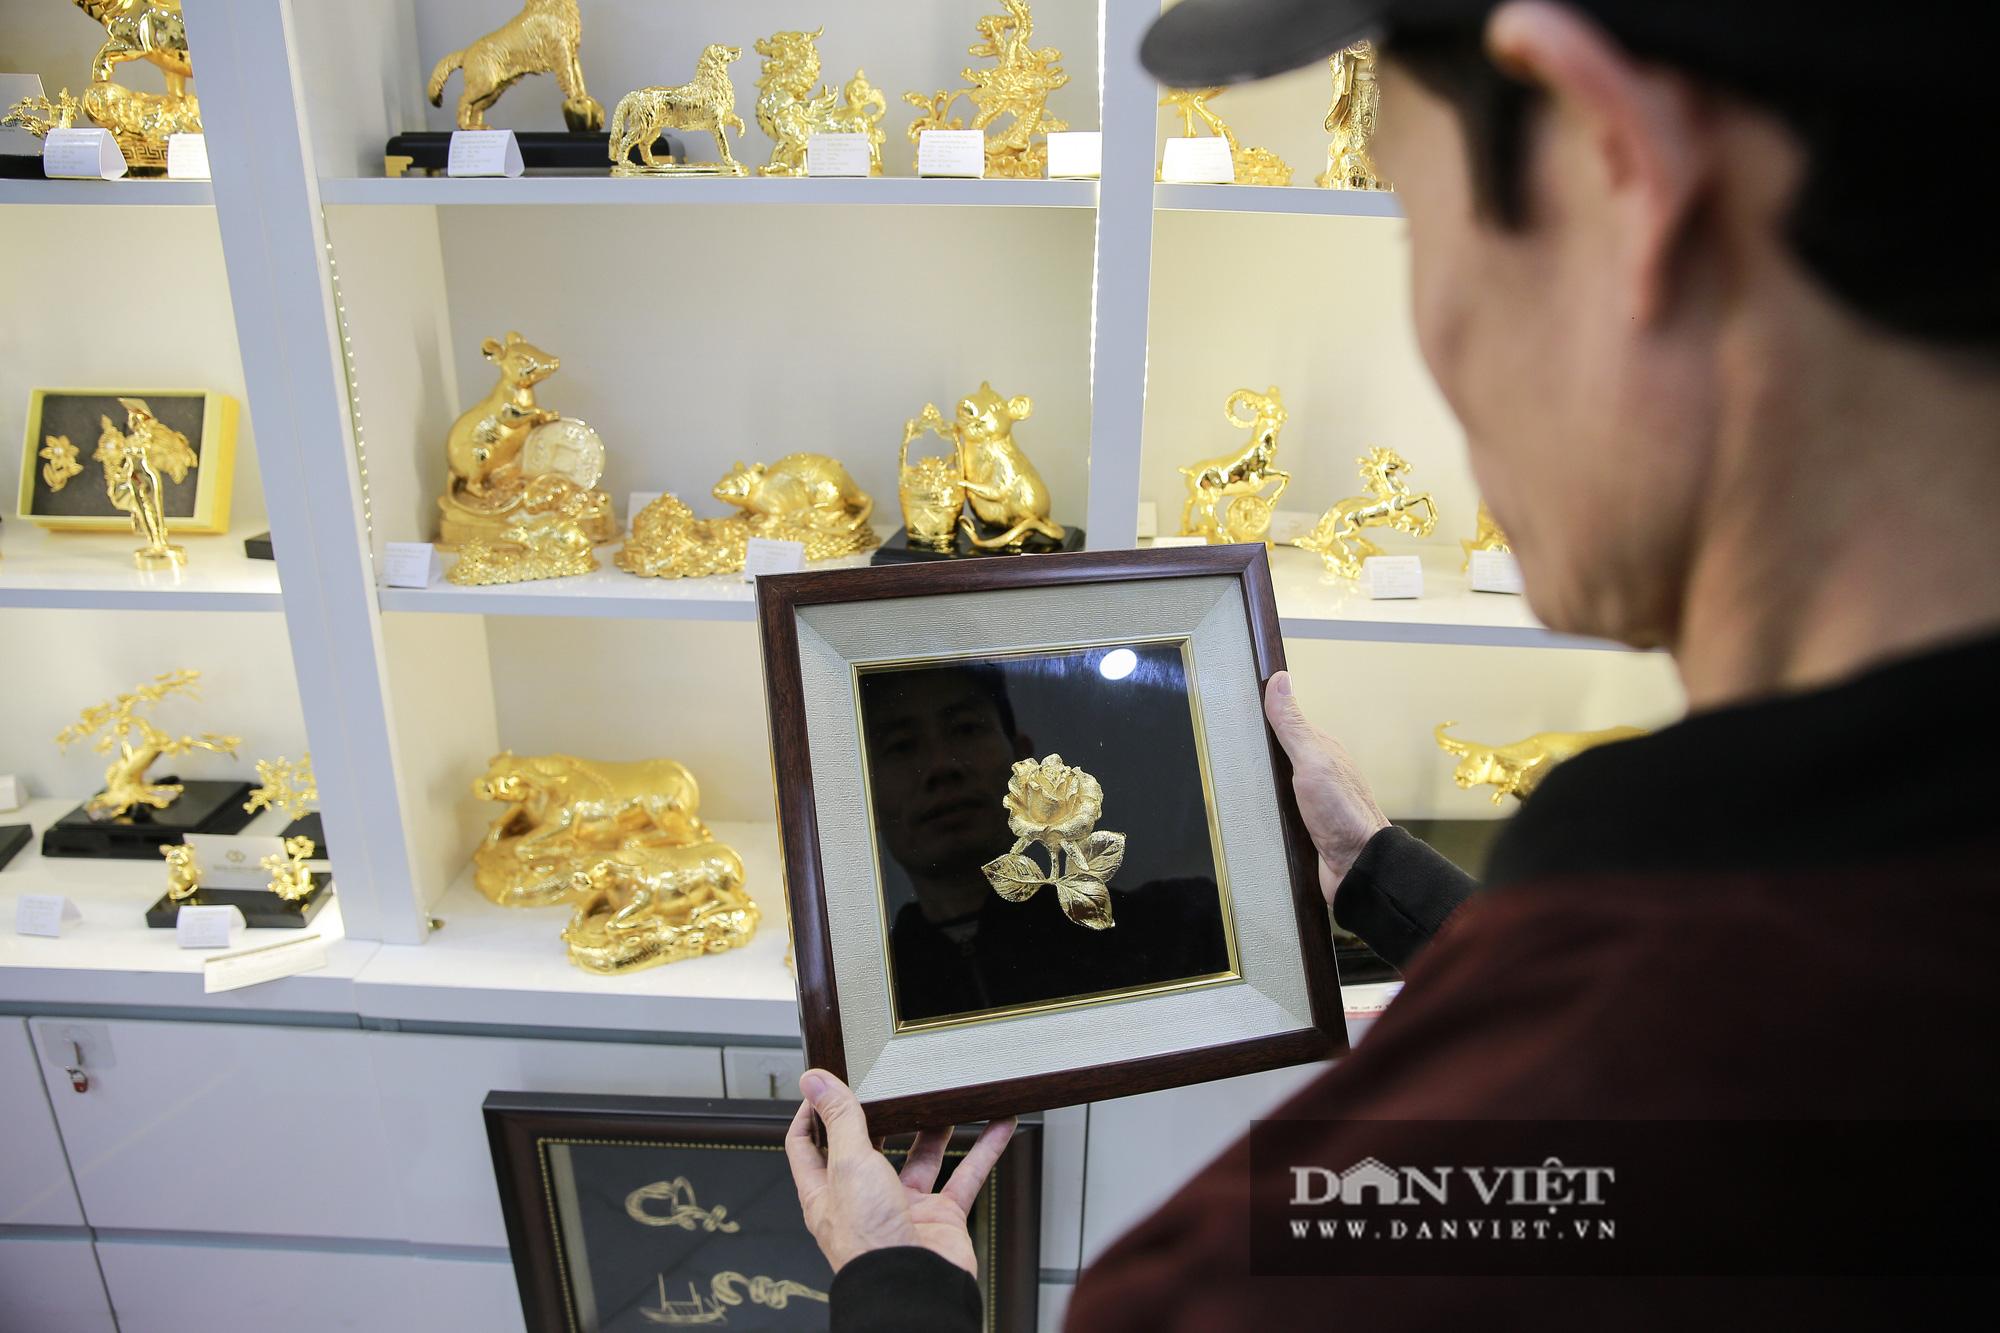 Thị trường quà tặng 8/3: Hoa, tranh, khuy cài áo mạ vàng cực đắt lên ngôi - Ảnh 6.